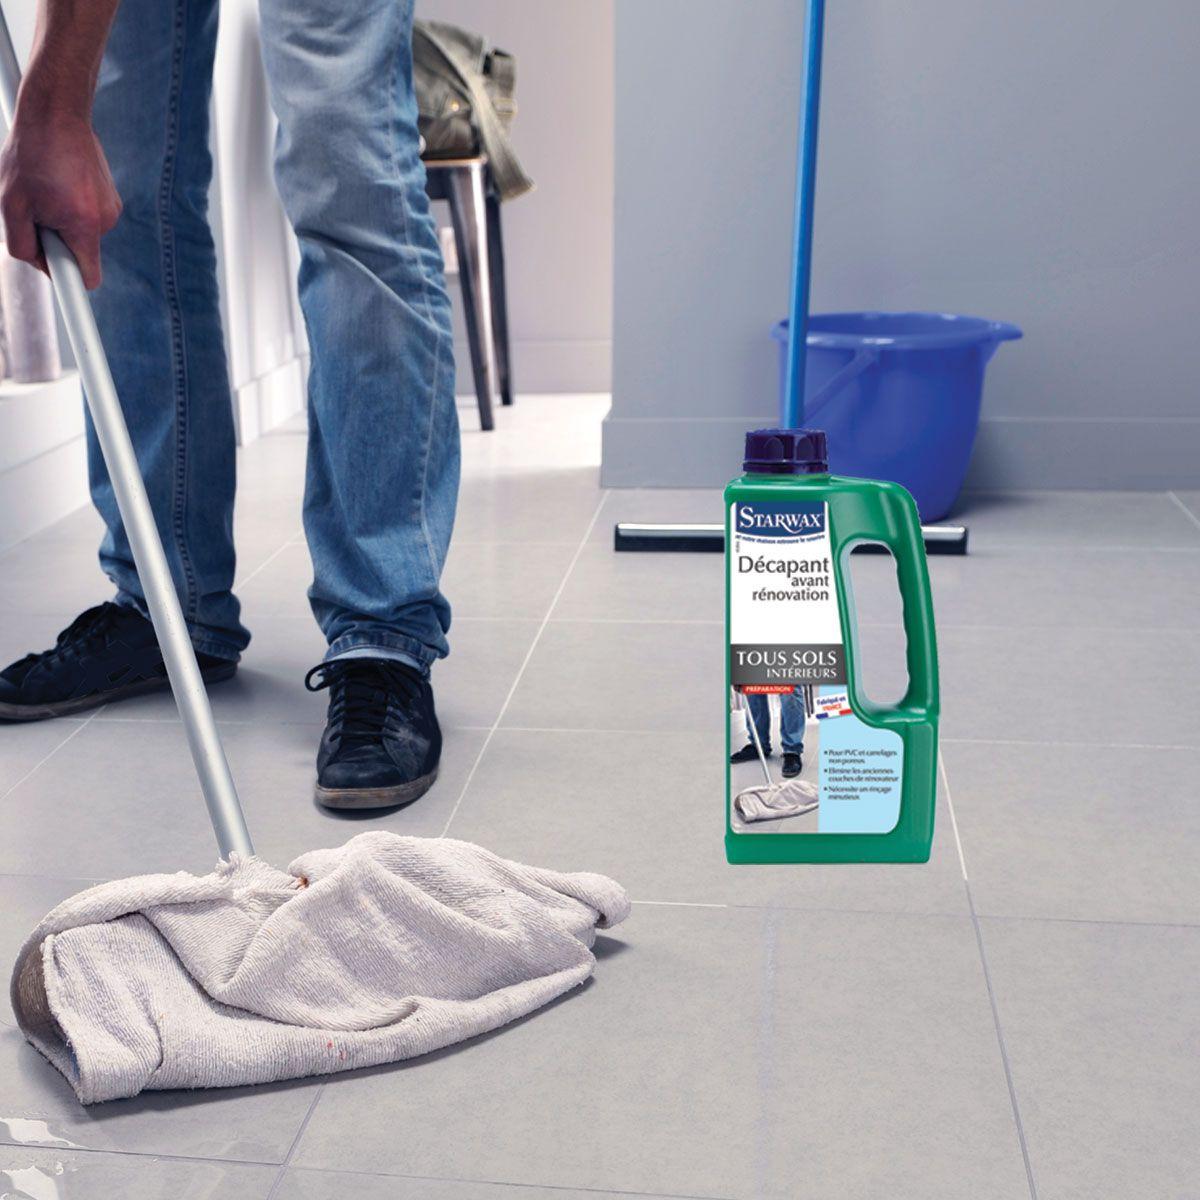 Faire Briller Un Carrelage Poreux décapant avant rénovation pour sols intérieurs | starwax